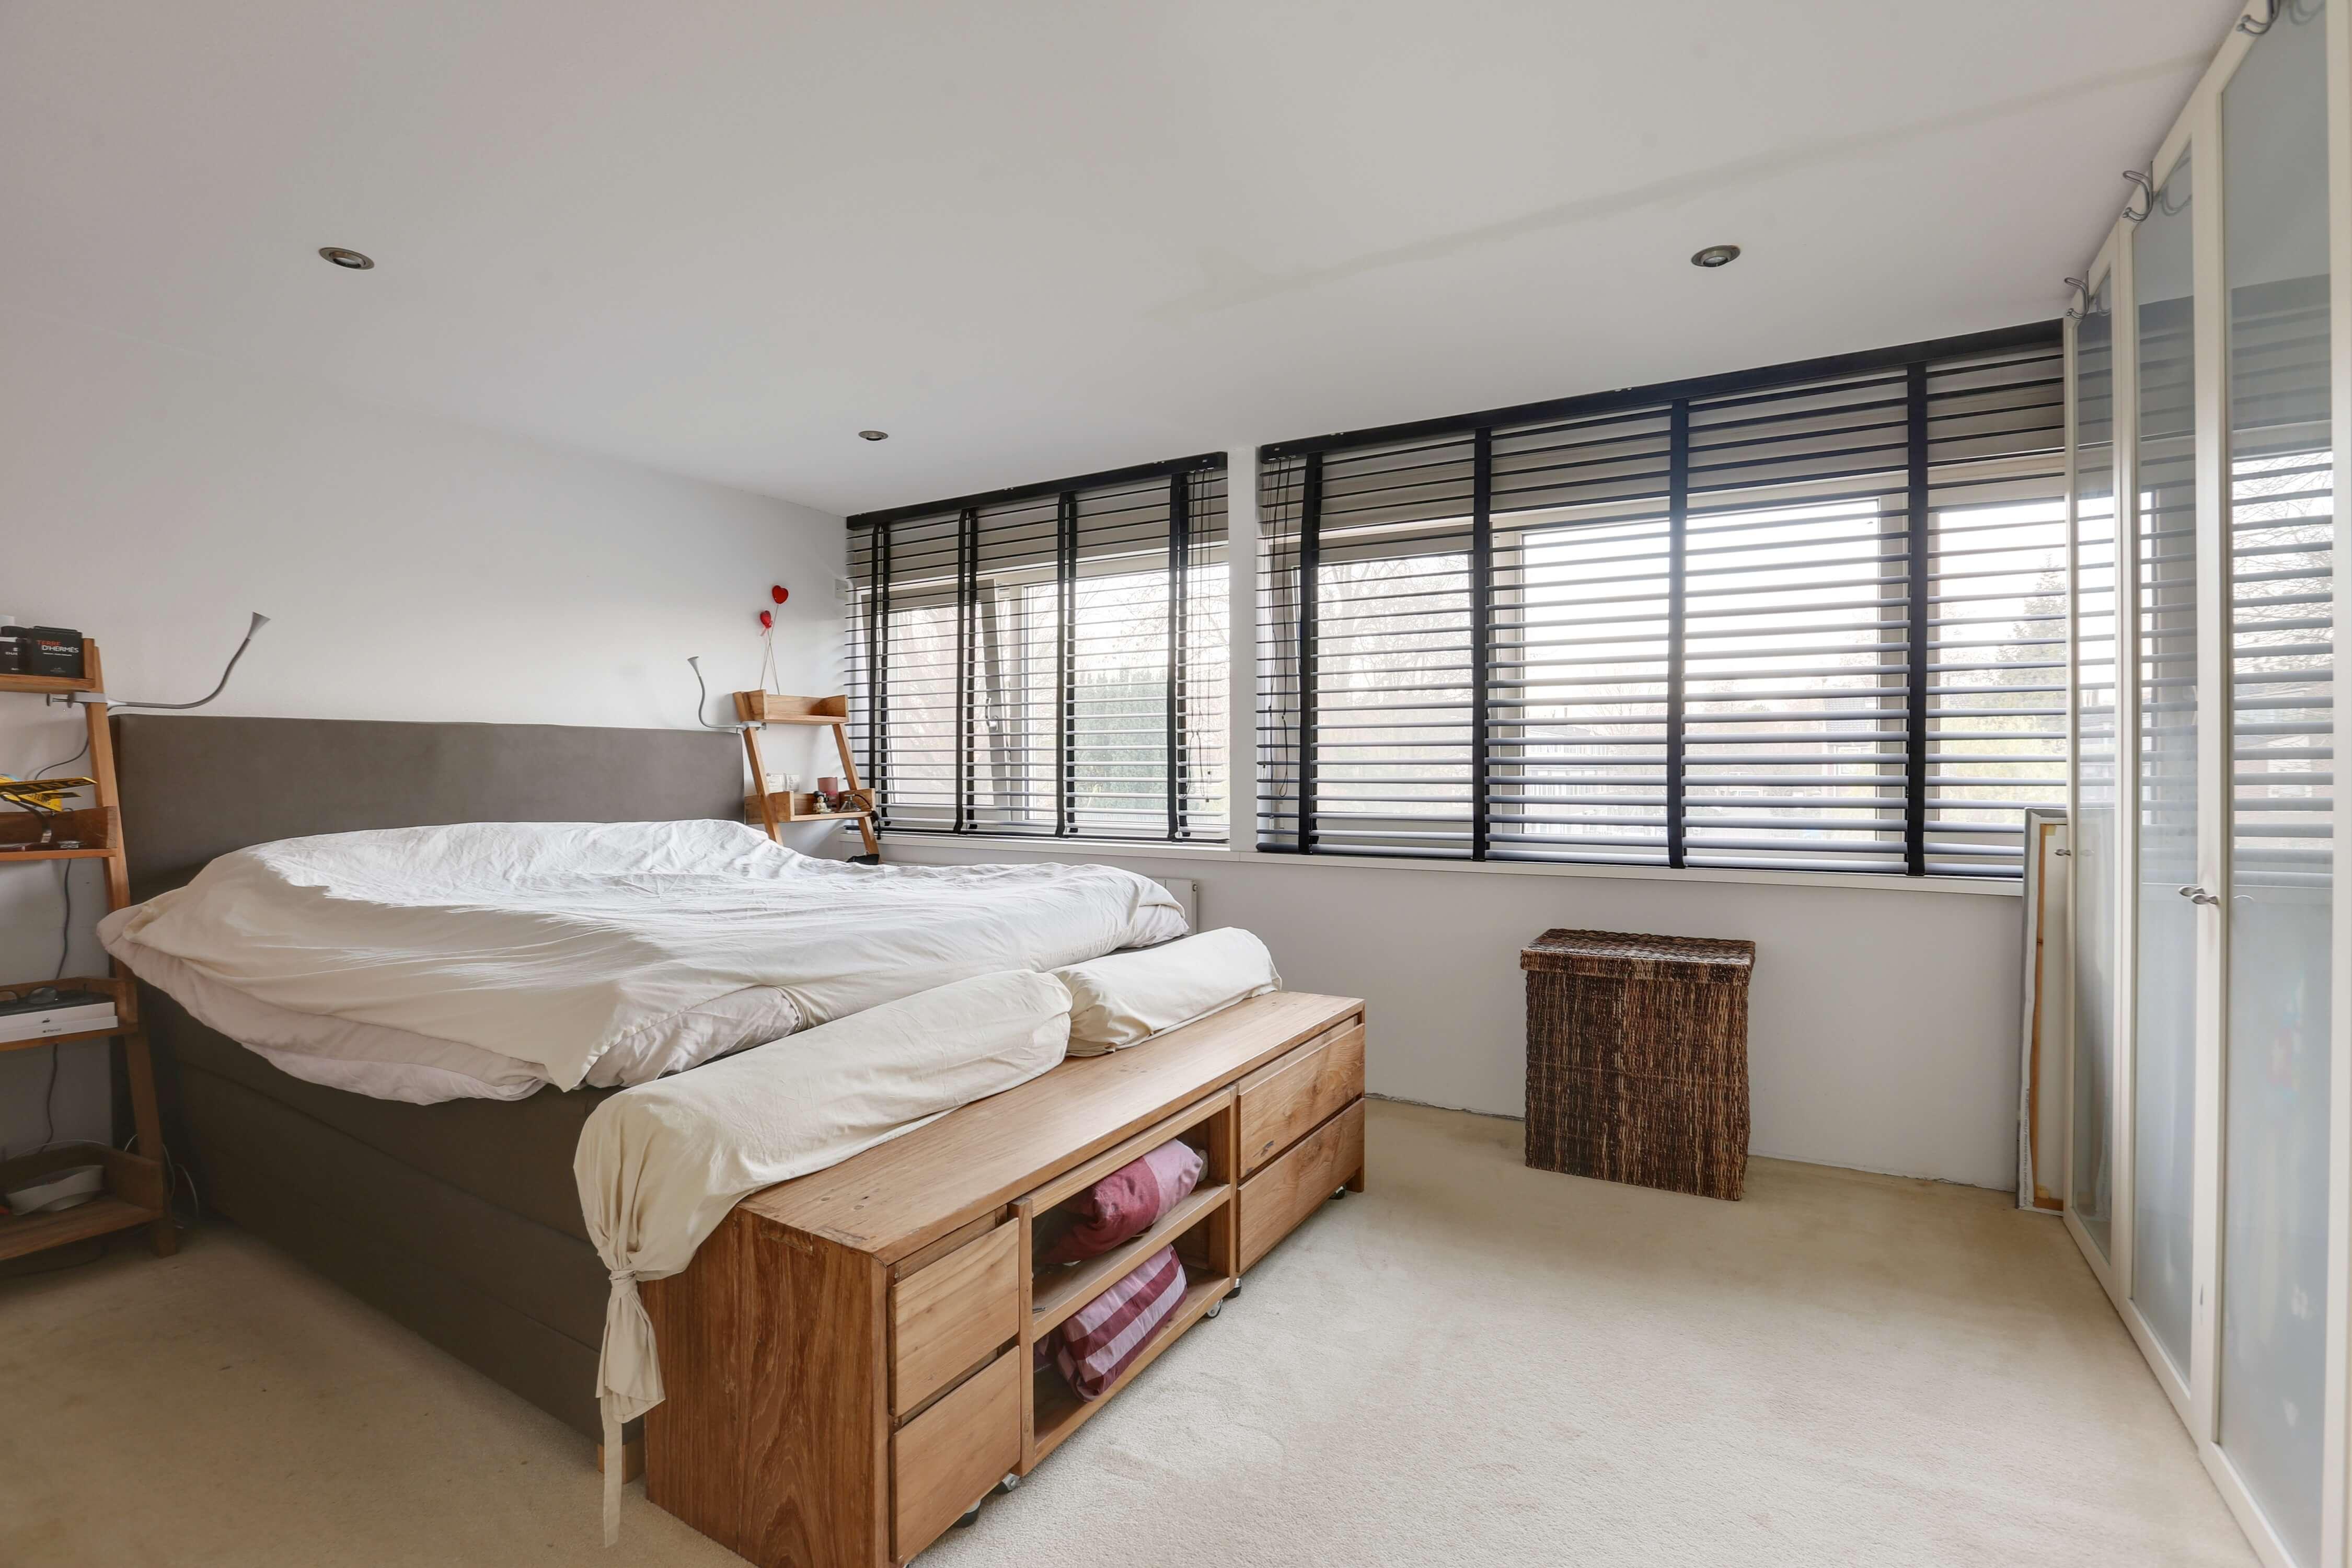 Te koop tussenwoning Shout 76 Hoorn slaapkamer 1 Huisinzicht